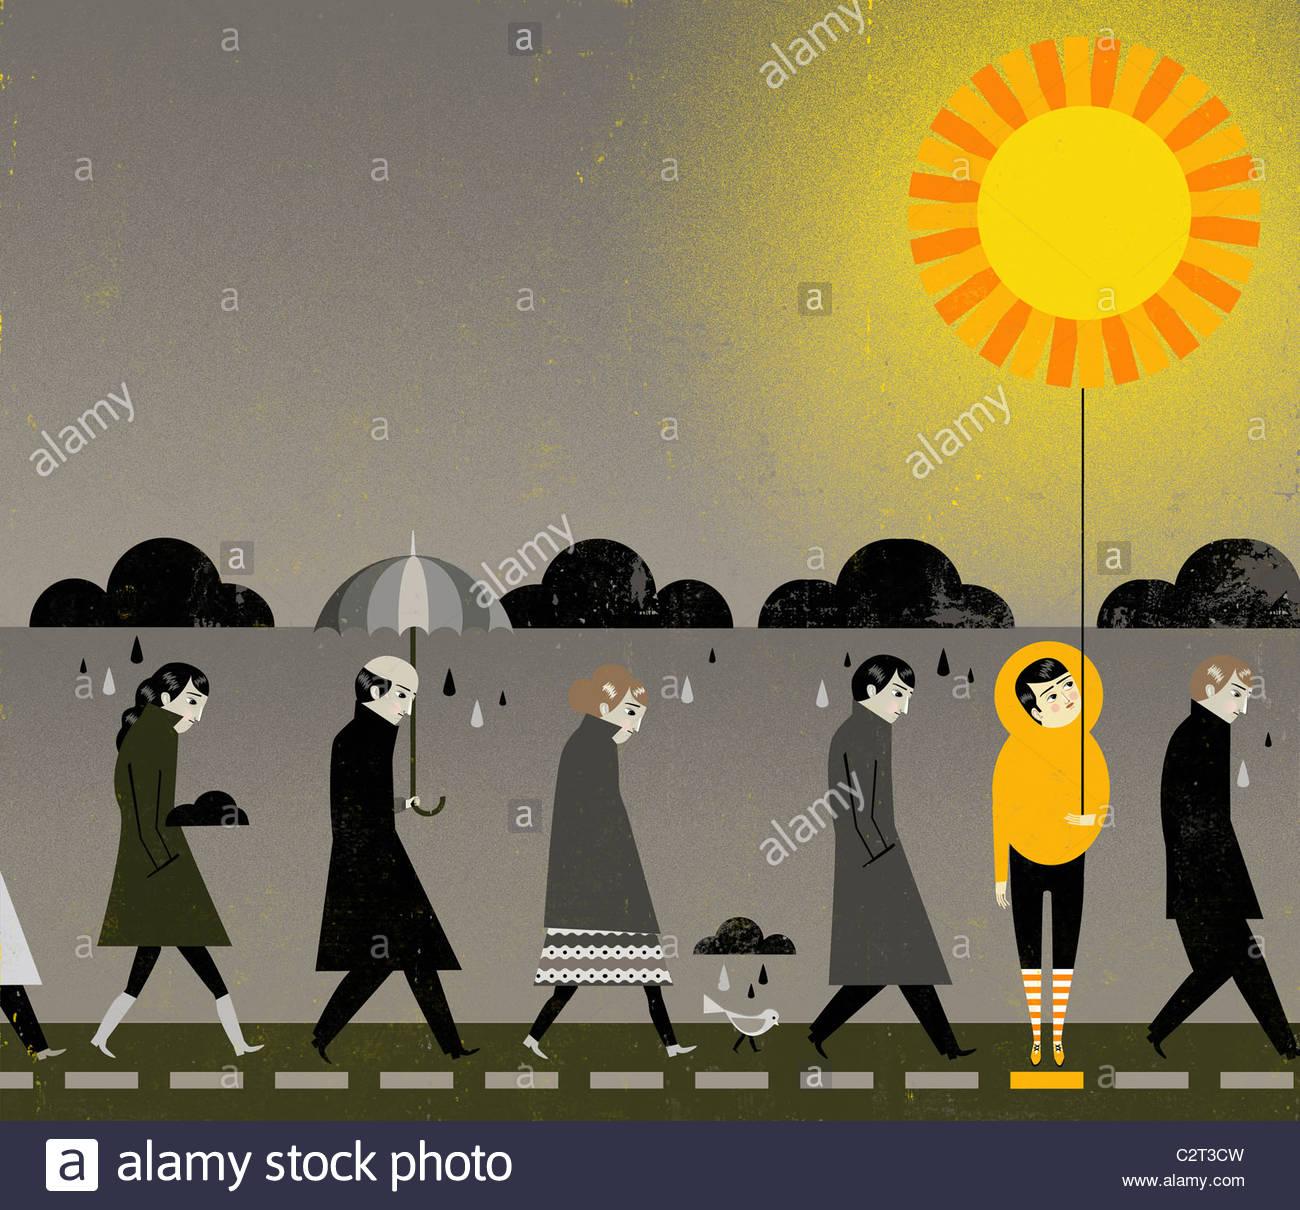 Menschen unter Regenwolken, ein Betrieb Sonne-förmigen Ballon Stockbild